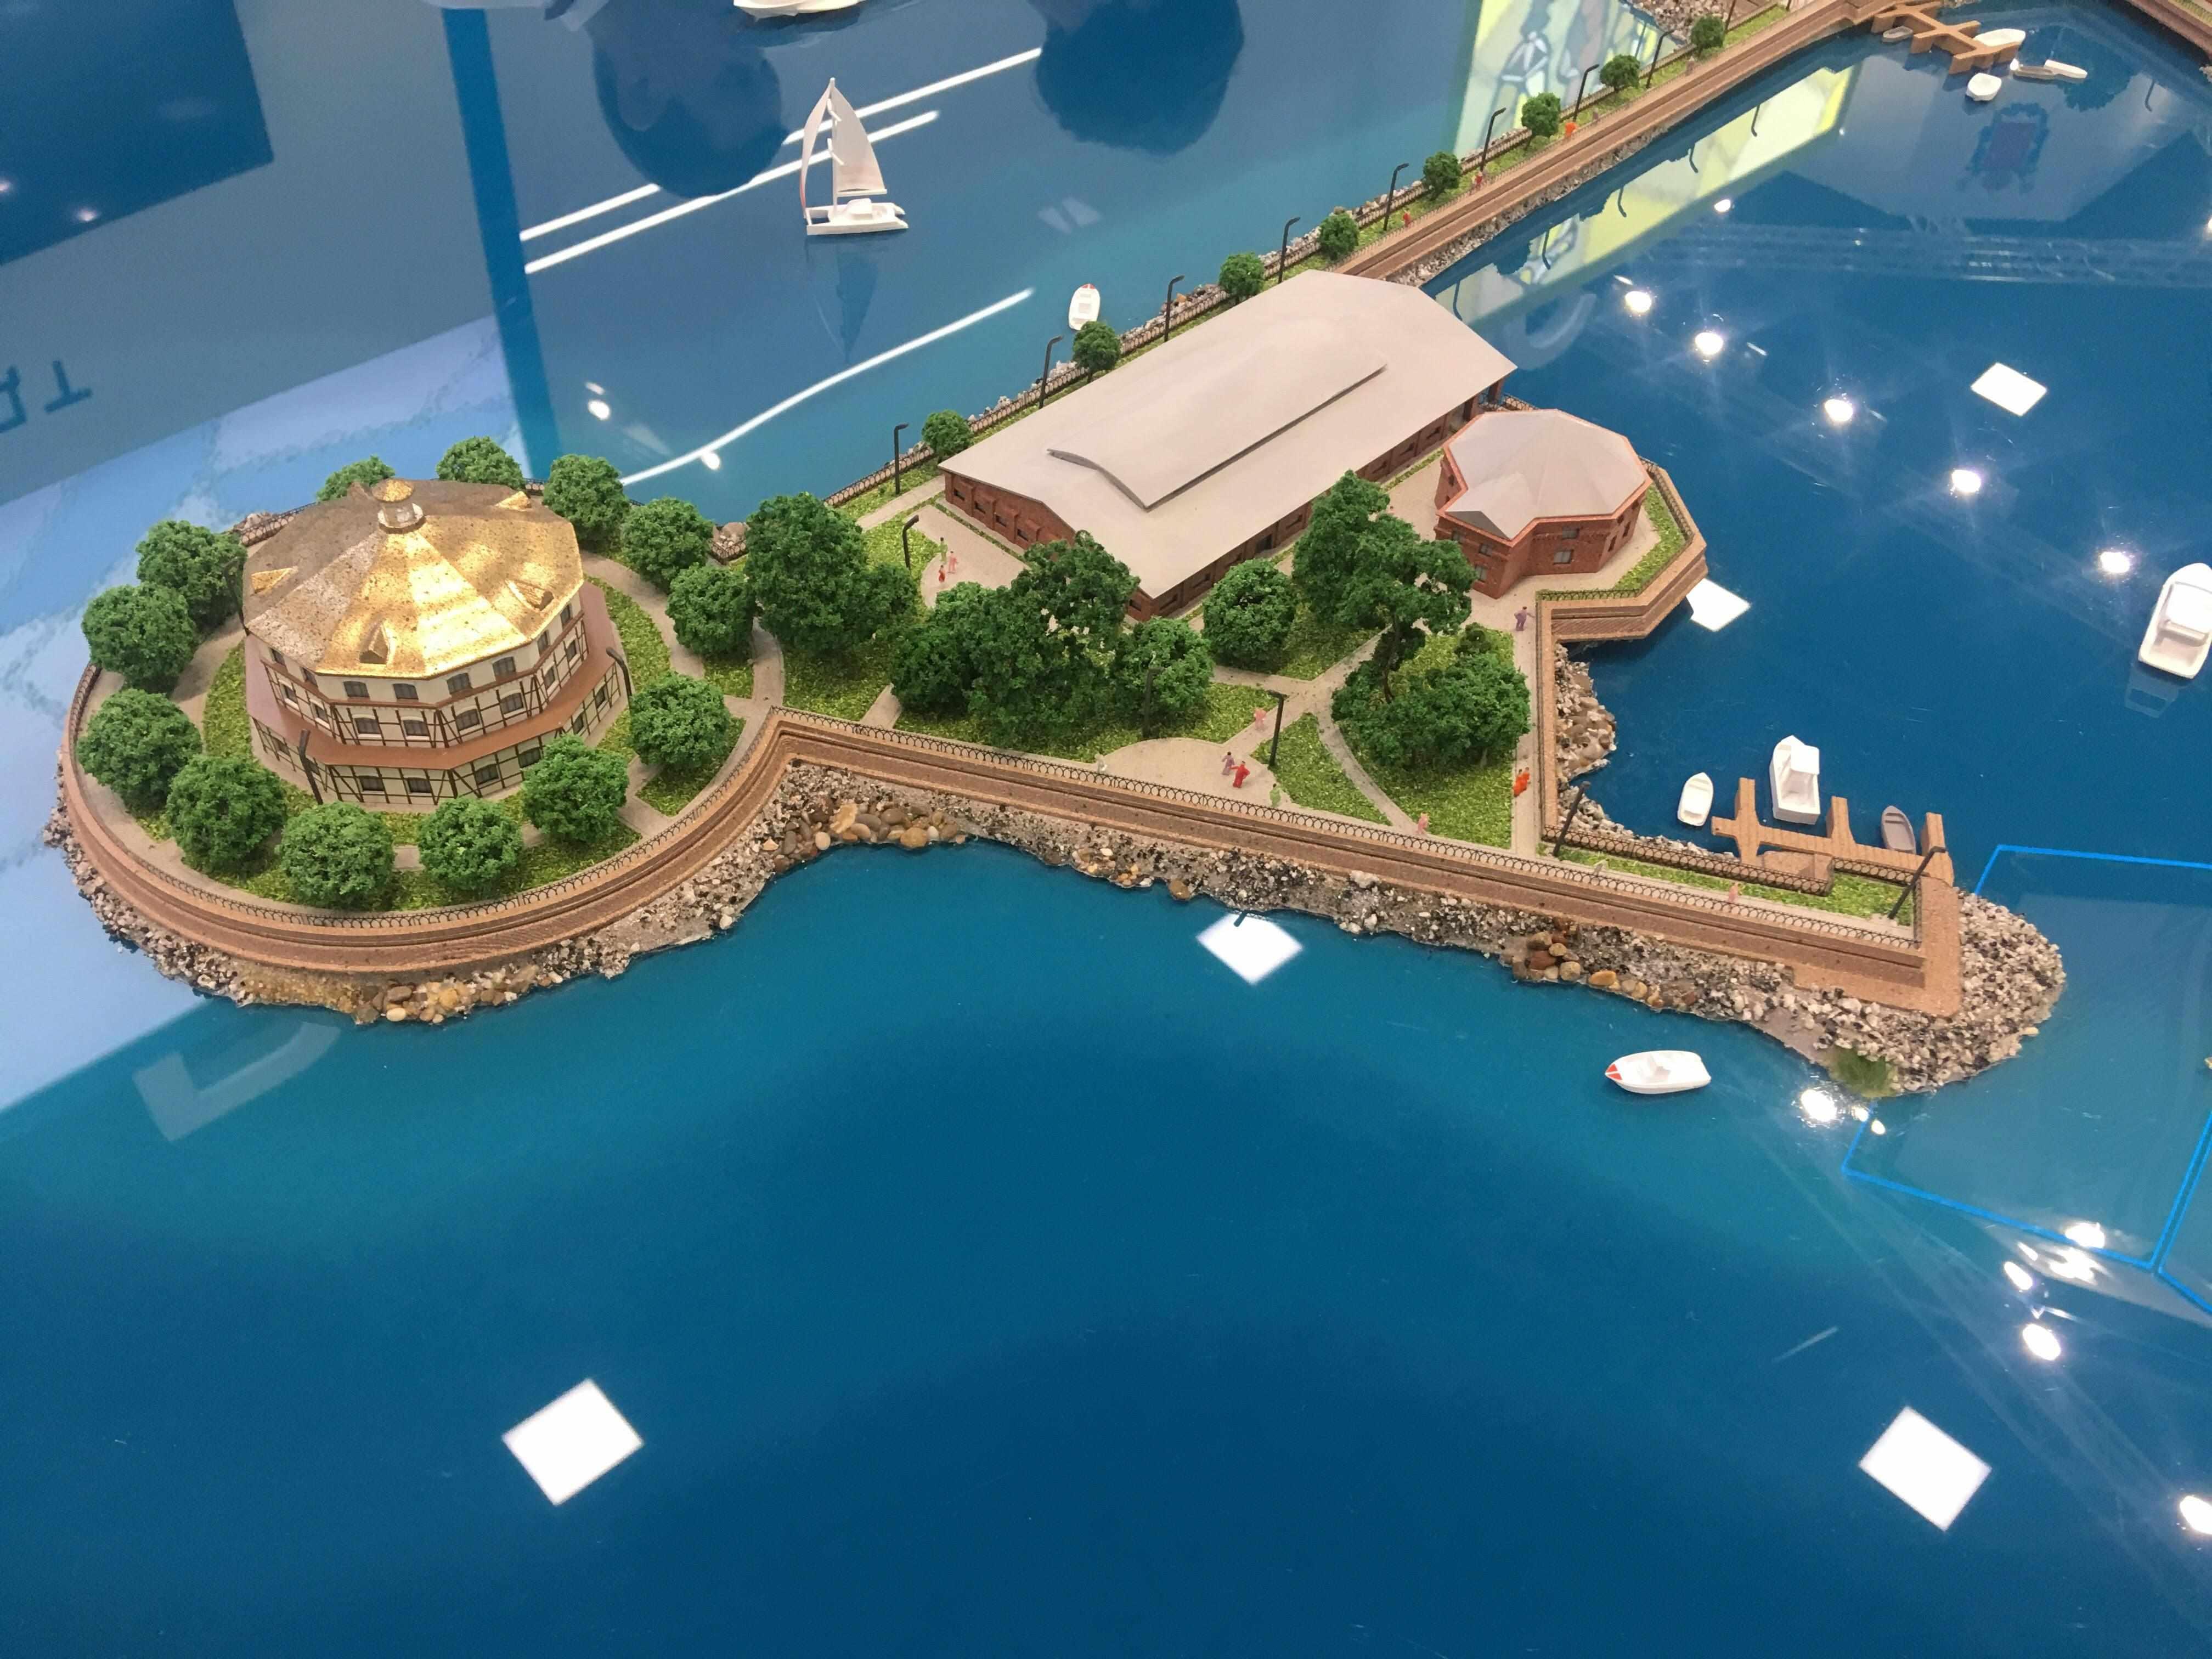 Кронштадтские форты начнут перестраивать под развлечения и коммерцию уже этим летом